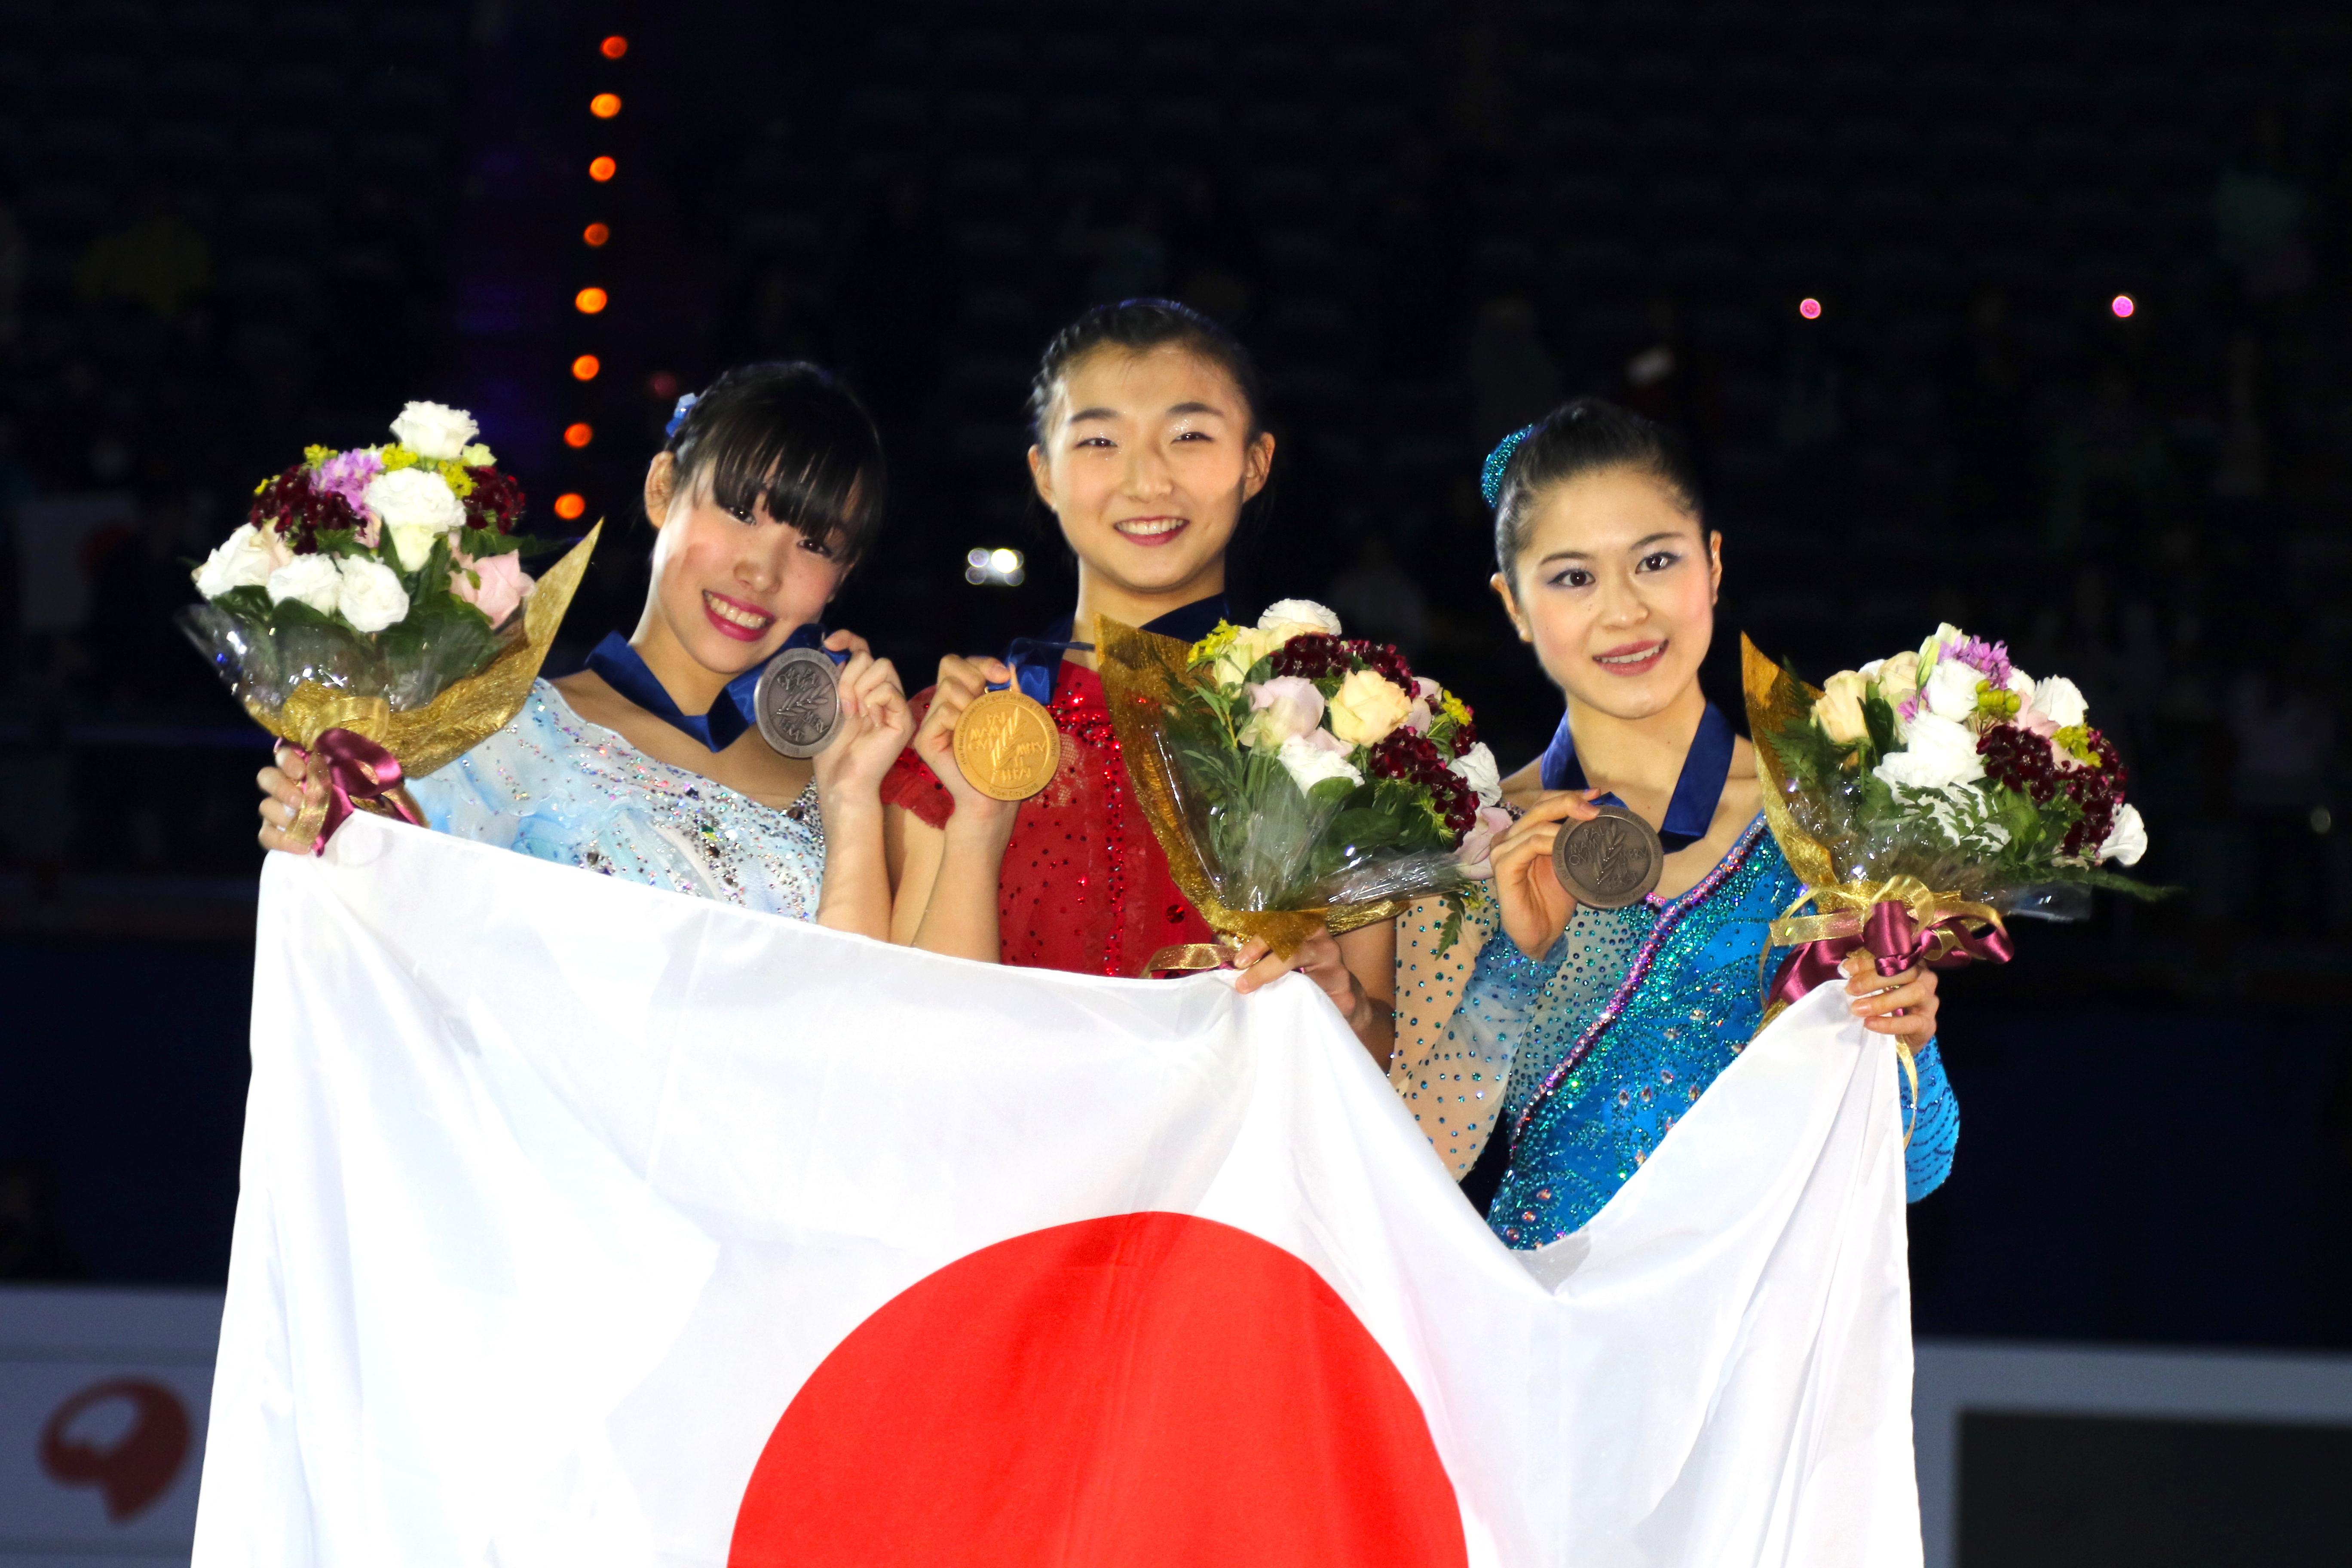 四大陸選手権で坂本花織が優勝